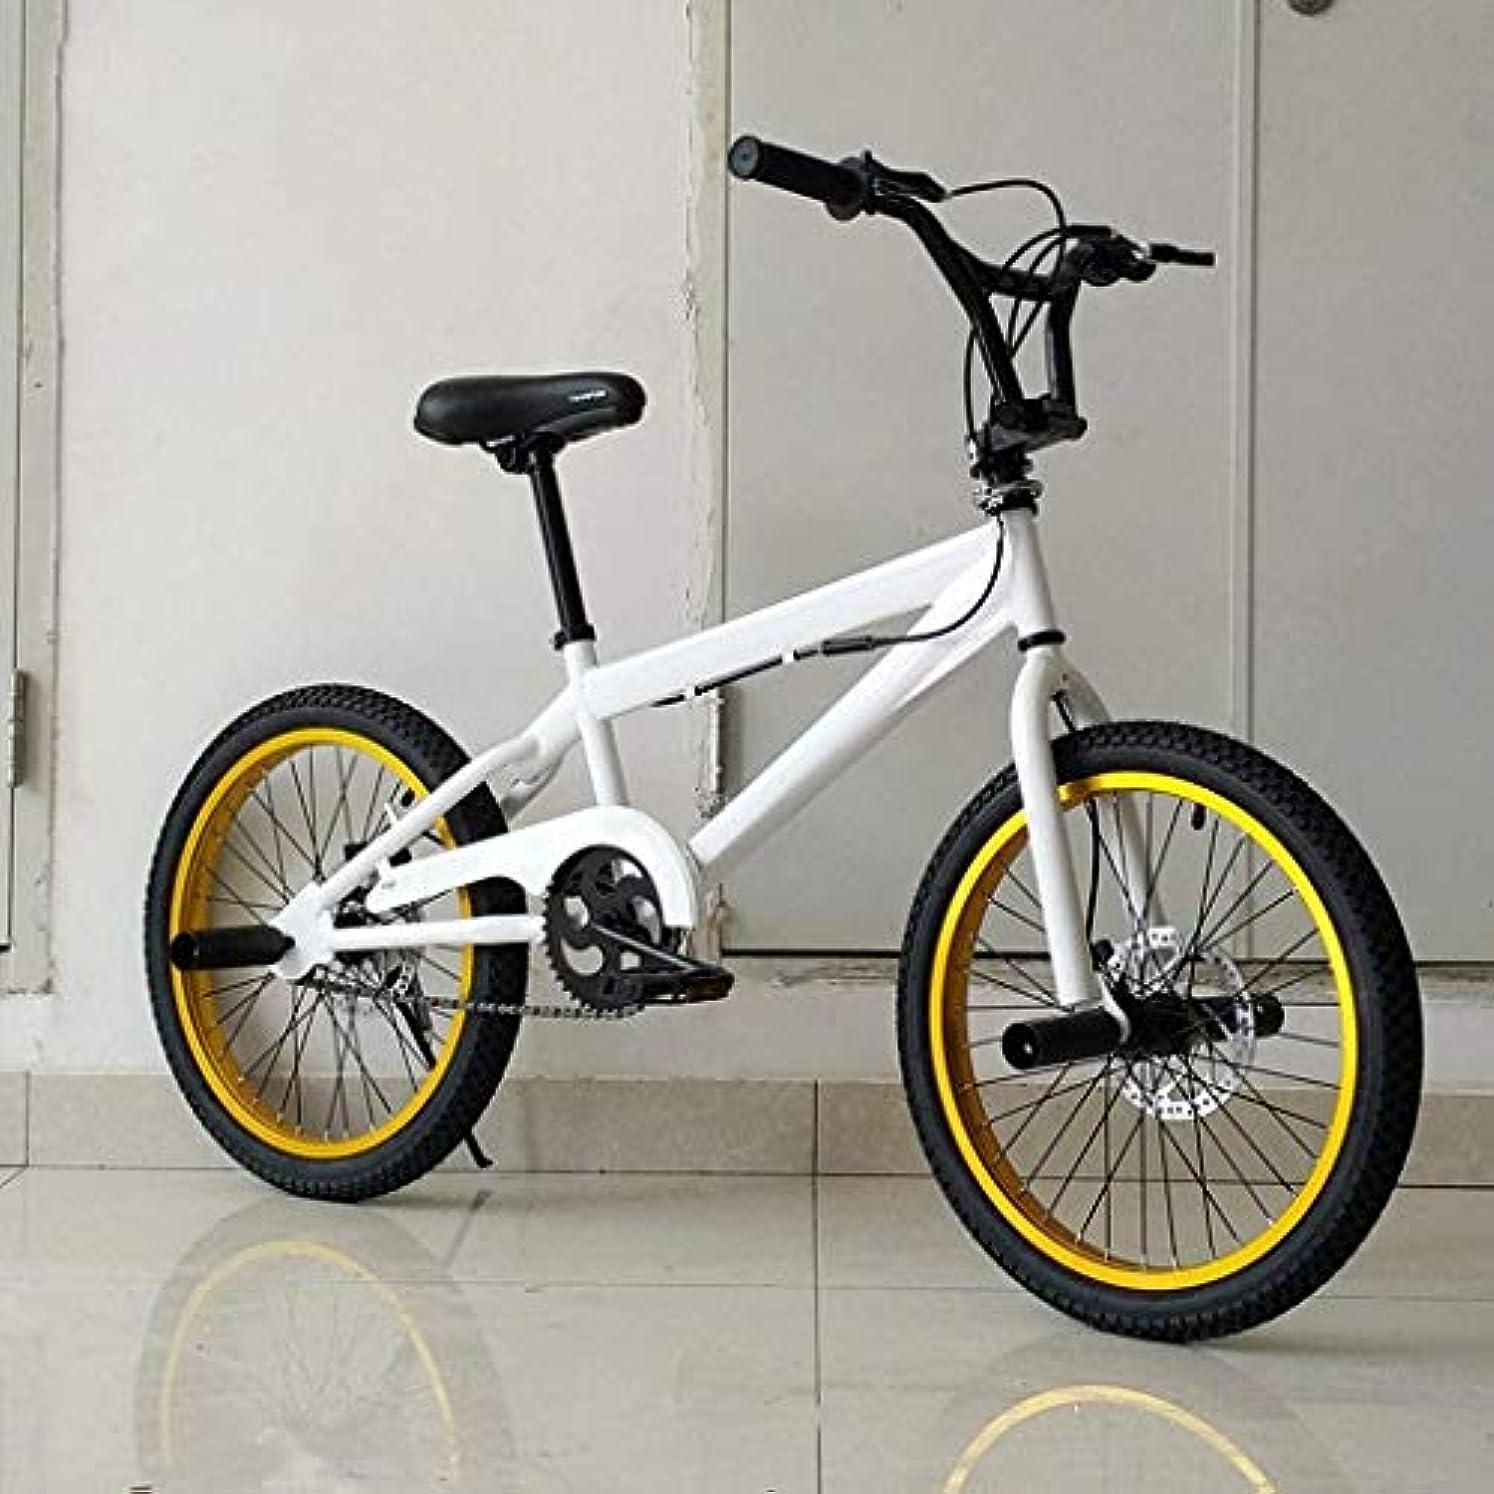 慎重宿命郵便番号BMX 自転車 高度なライダーストリートBMXバイク初心者レベルに適したプロフェッショナルグレードの20インチBMXレースのバイク、スタントアクションBMX自転車、,D